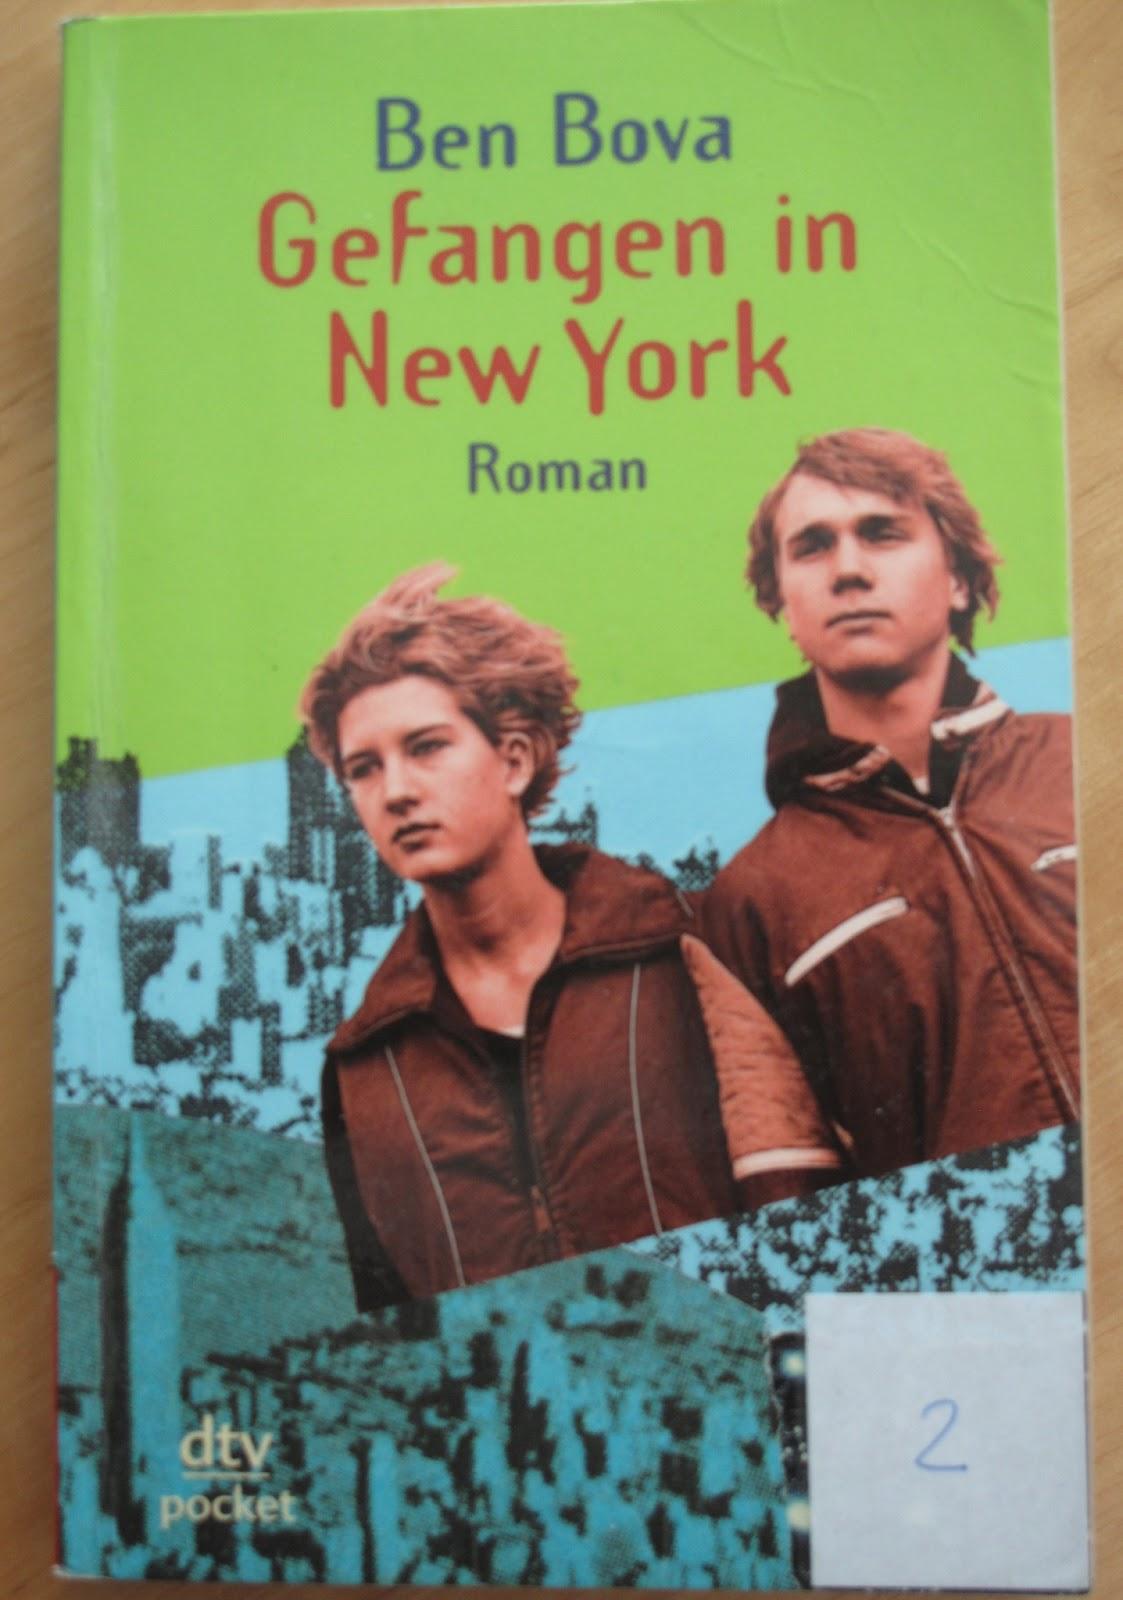 gefangen in new york zusammenfassung - Zusammenfassung Ben